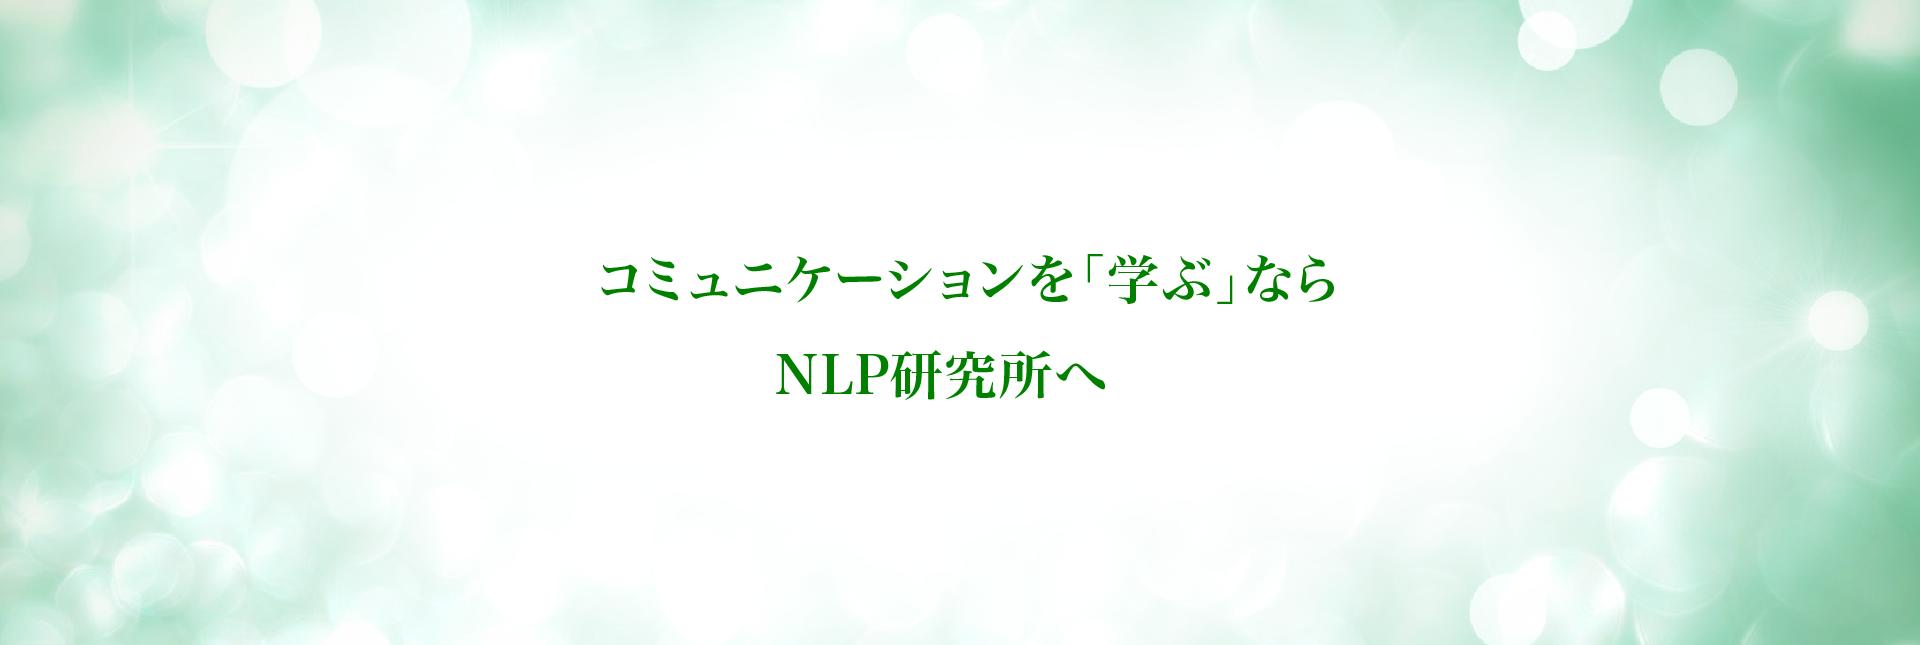 NPL研究所